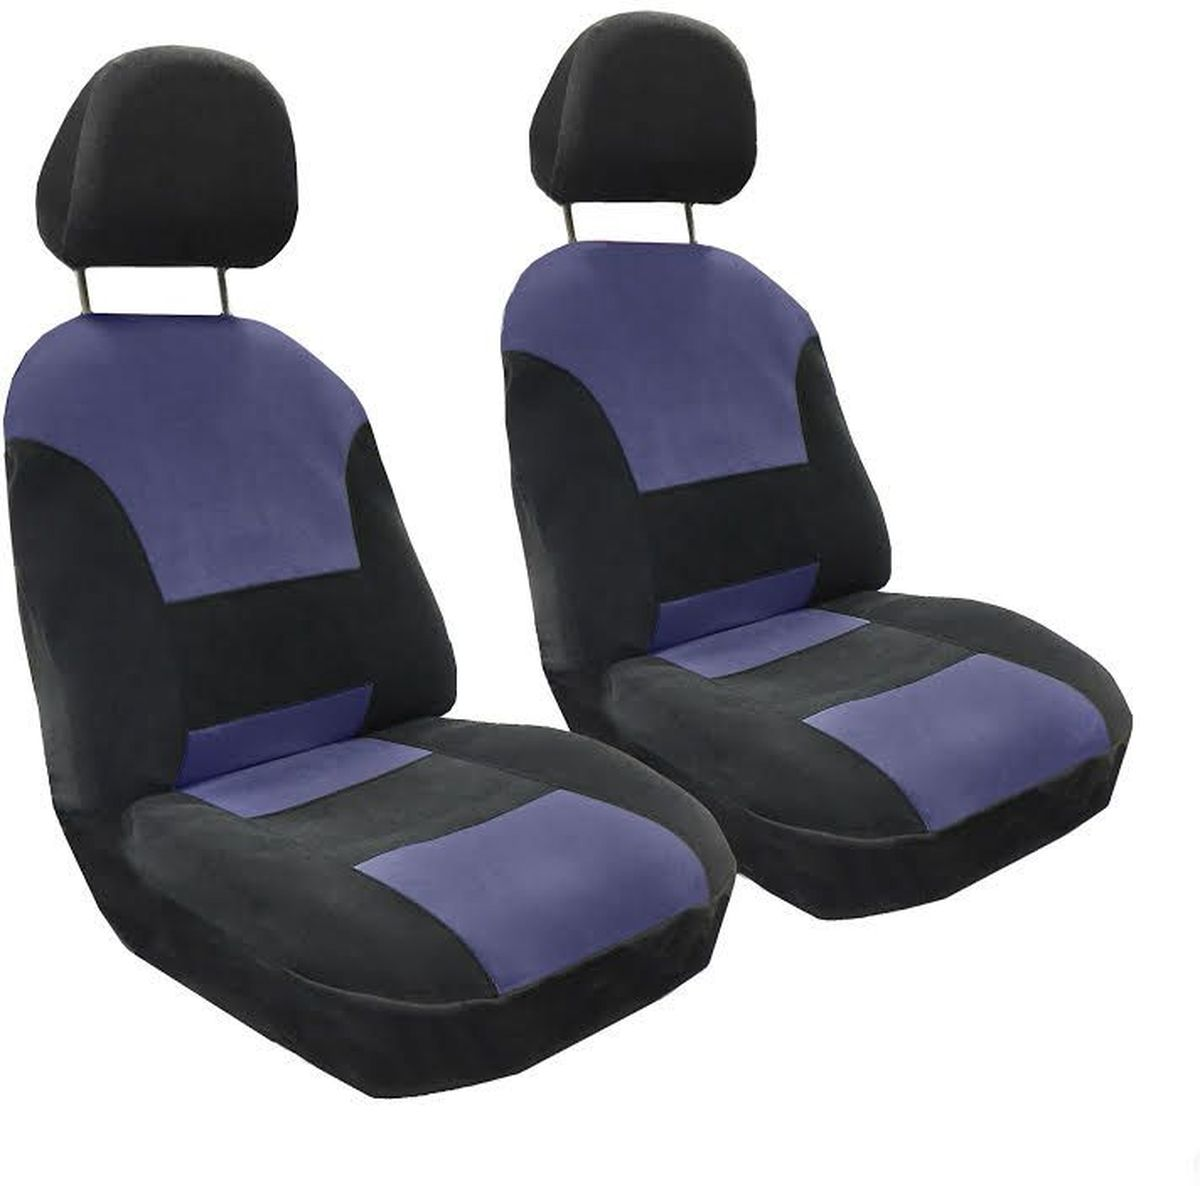 Набор автомобильных чехлов Auto Premium Флагман, цвет: черный, синий, 4 предметаDH2400D/ORКомплект универсальных чехлов Auto Premium Флагман выполнен из велюра, предназначен для передних кресел автомобиля. На задней спинке чехла расположен вшивной карман. В комплект входят съемные чехлы для подголовников. Практичный и долговечный комплект чехлов для передних сидений надежно защищает сиденье водителя и пассажира от механических повреждений, загрязнений и износа.